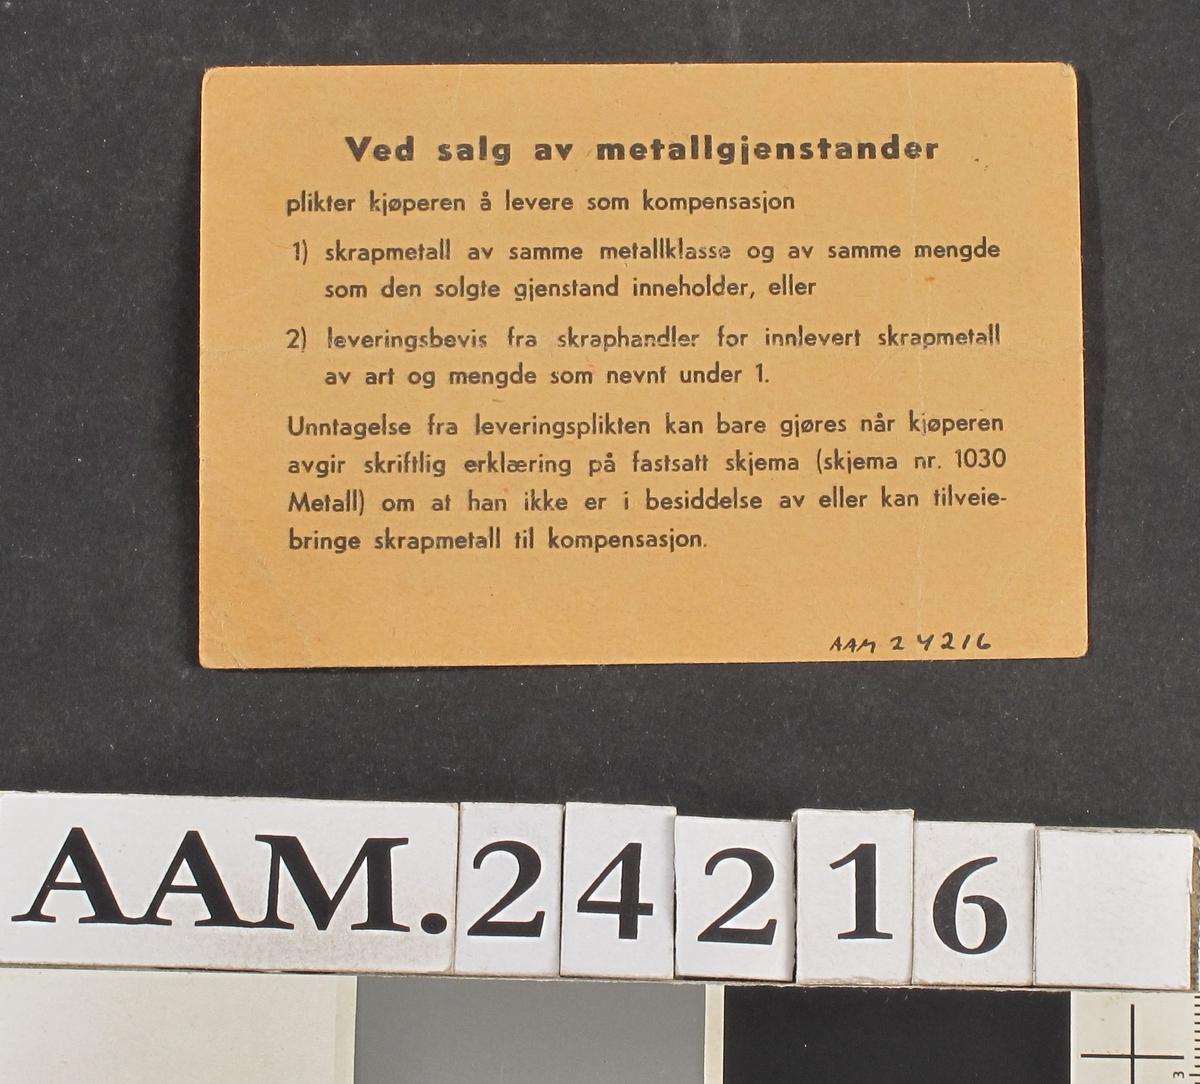 """Kjøpekort for kjøkkenutstyr, 1945 Småmønstret papir med overskrift som over. Føyd til med blekk:  Sigurd Braastad , Arendal , har rett til kjøp av 1 en mugge. Arendal 1/5 1945. Nr. 23688. På baksiden: regler """"Ved salg av metall."""""""